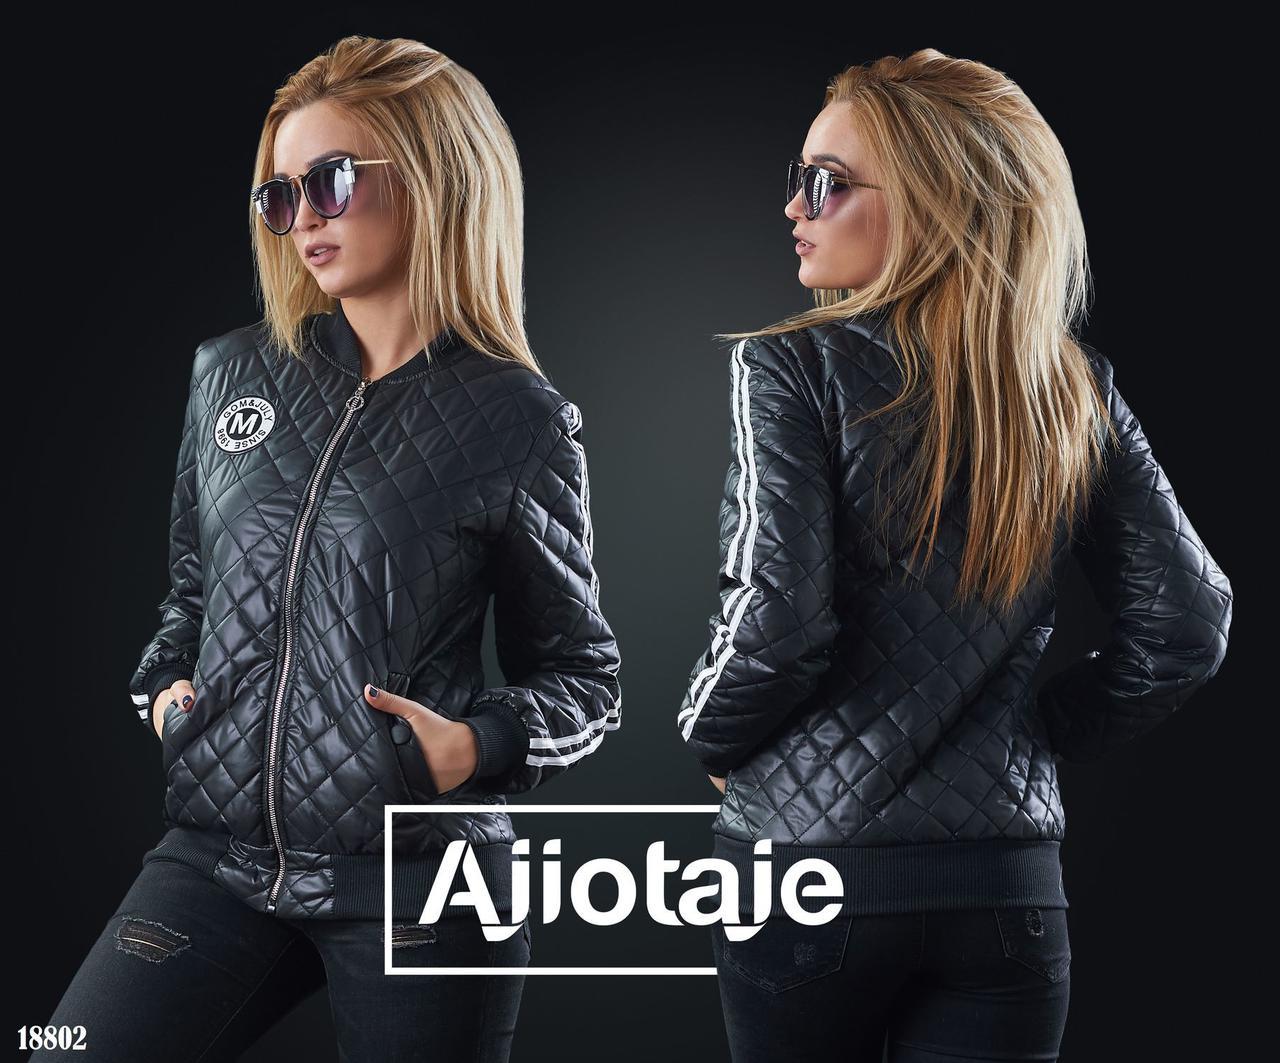 49b71e3241d Женская короткая весенняя стеганая куртка бомбер с лампасами на рукавах